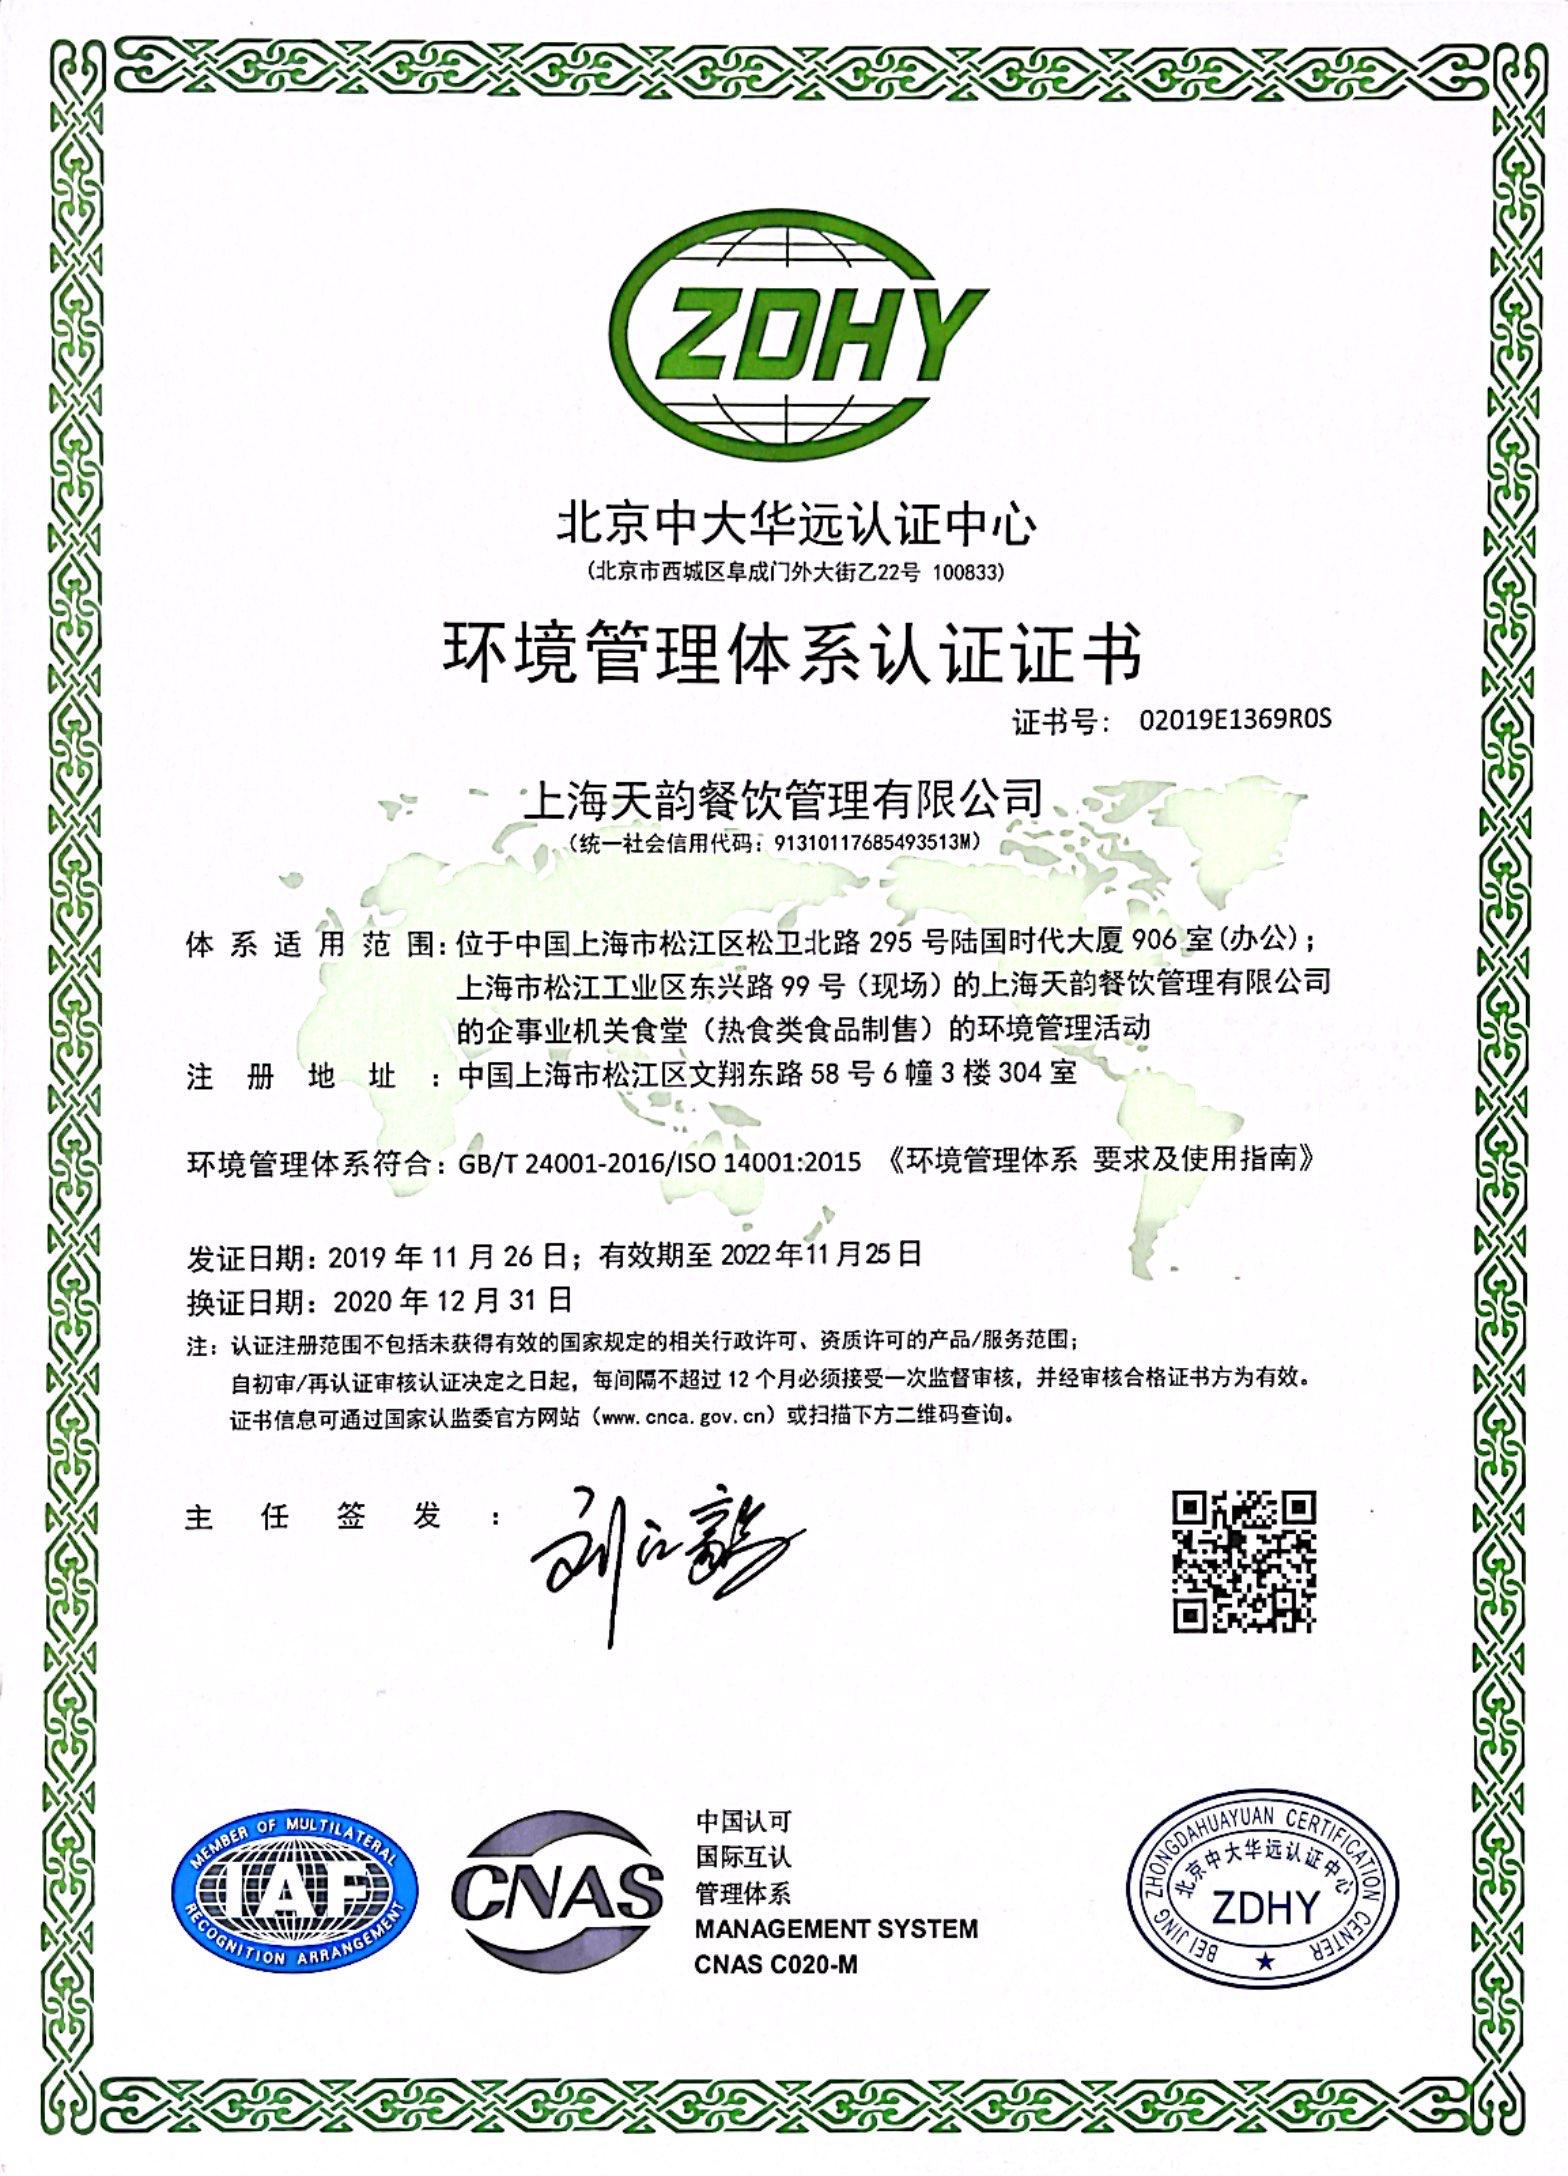 天韵餐饮环境管理认证体系证书